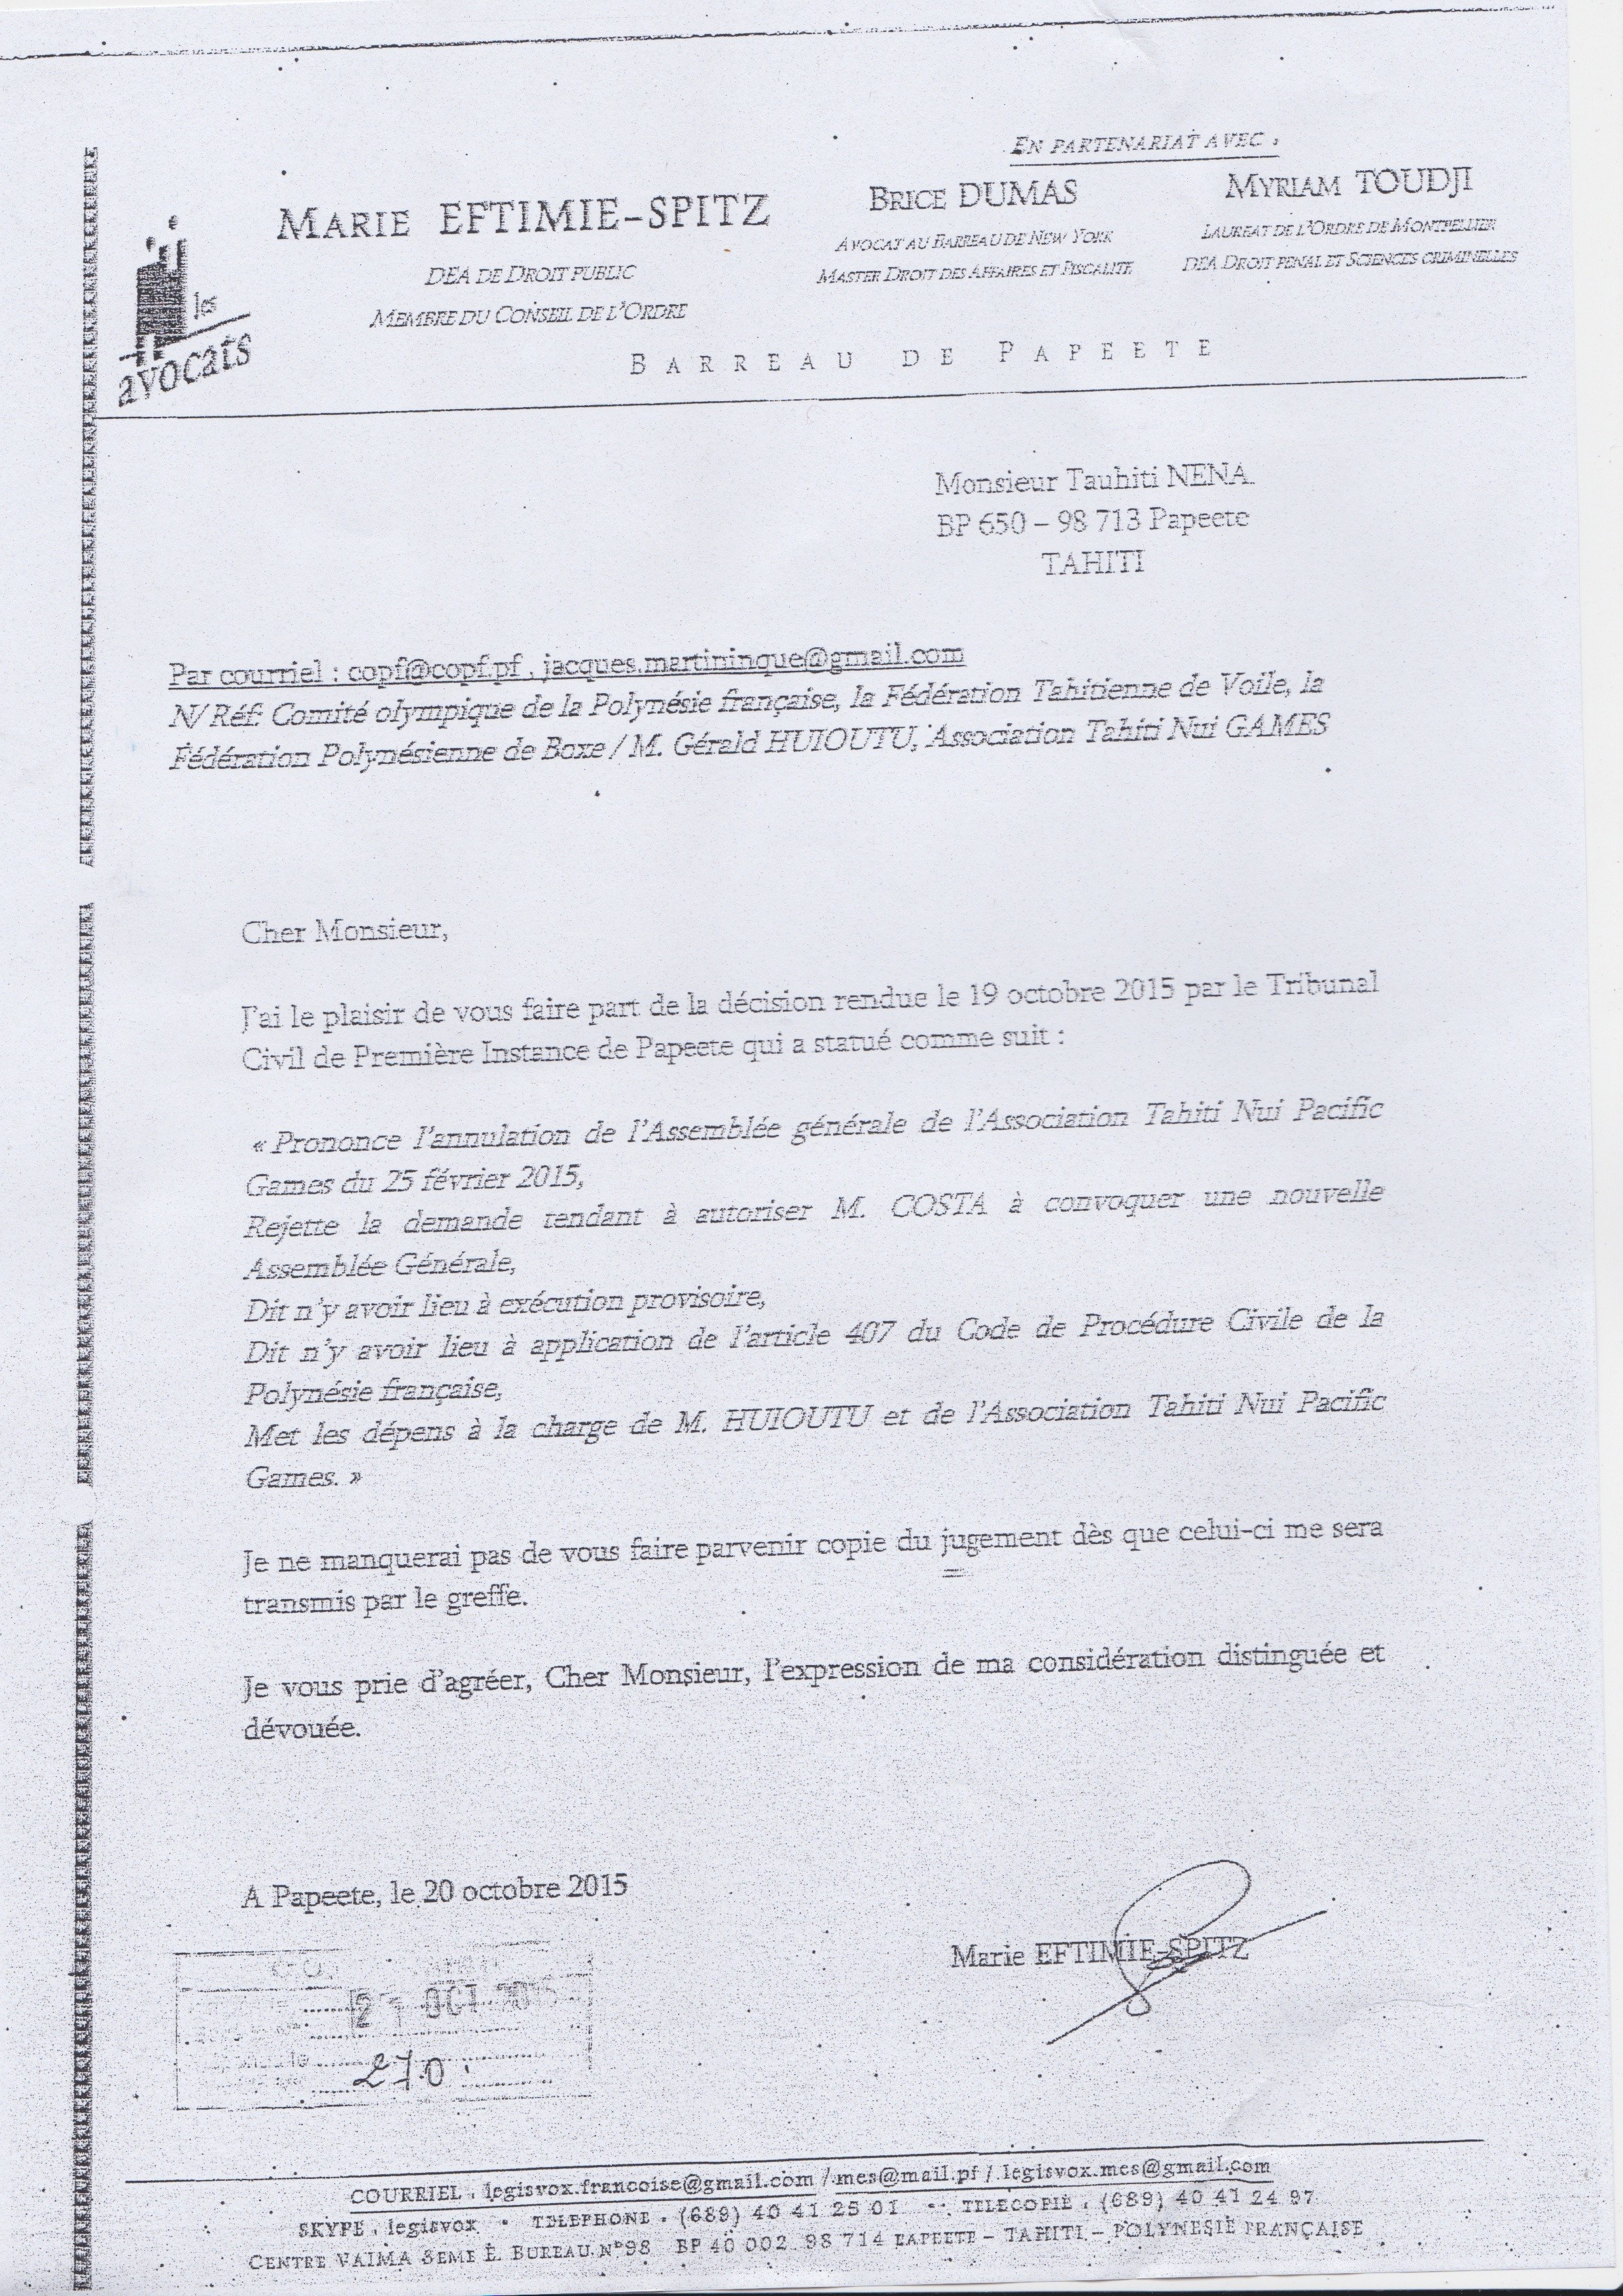 Le mail de l'avocat du COPF